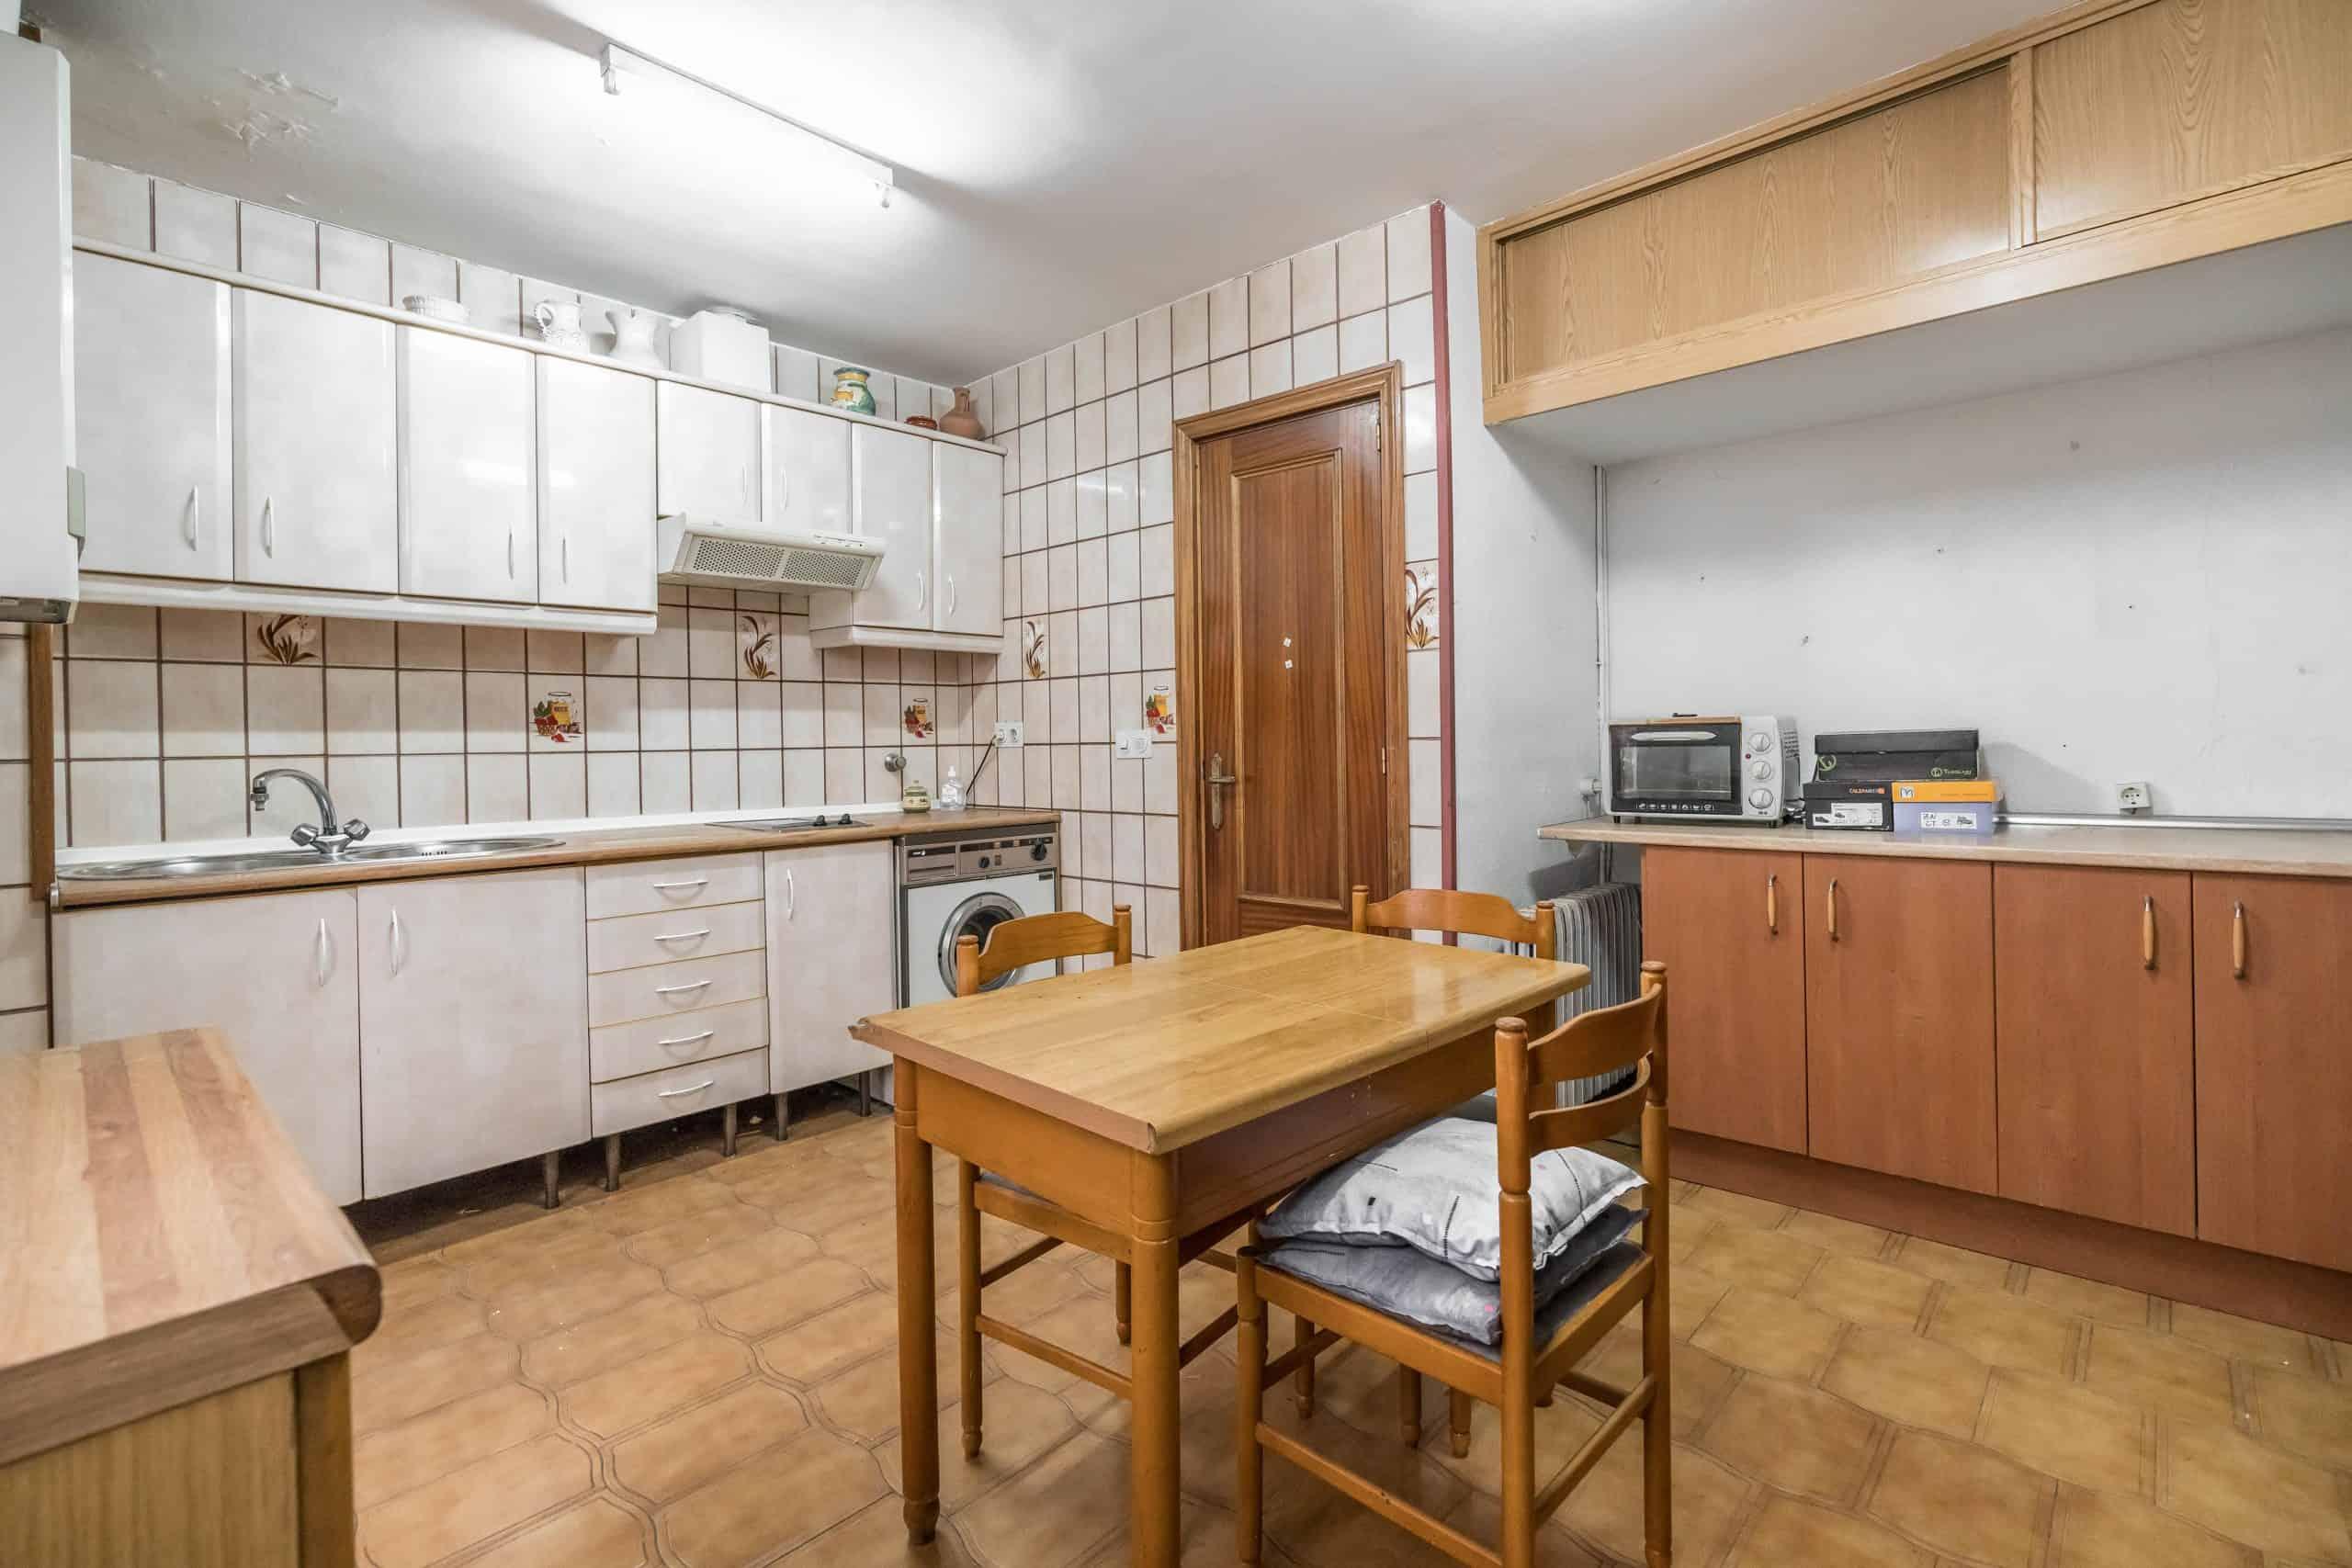 Agencia Inmobiliaria de Madrid-FUTUROCASA-Zona ARGANZUELA-LEGAZPI -calle Jaime Conquistador 27- Cocina 3